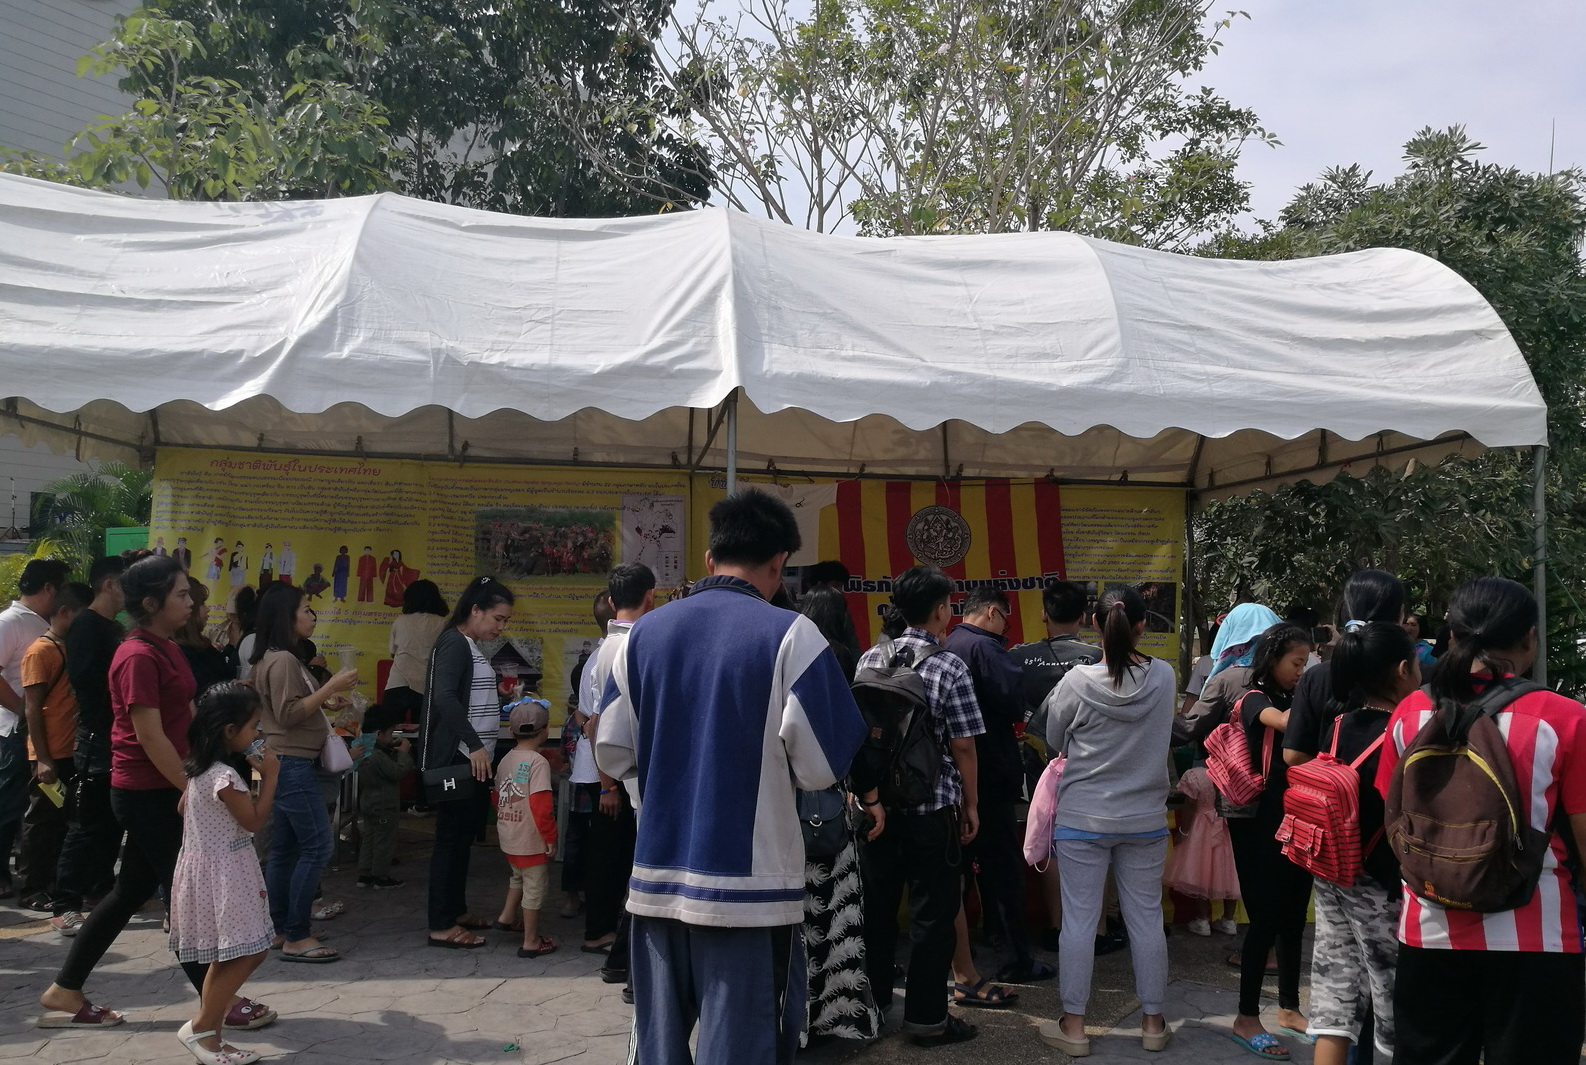 พิพิธภัณฑสถานแห่งชาติ กาญจนาภิเษก ได้จัดโครงการกิจกรรมงานวันเด็ก เมื่อวันที่ 11และวันที่ 13 มกราคม 2561 ที่ผ่านมา